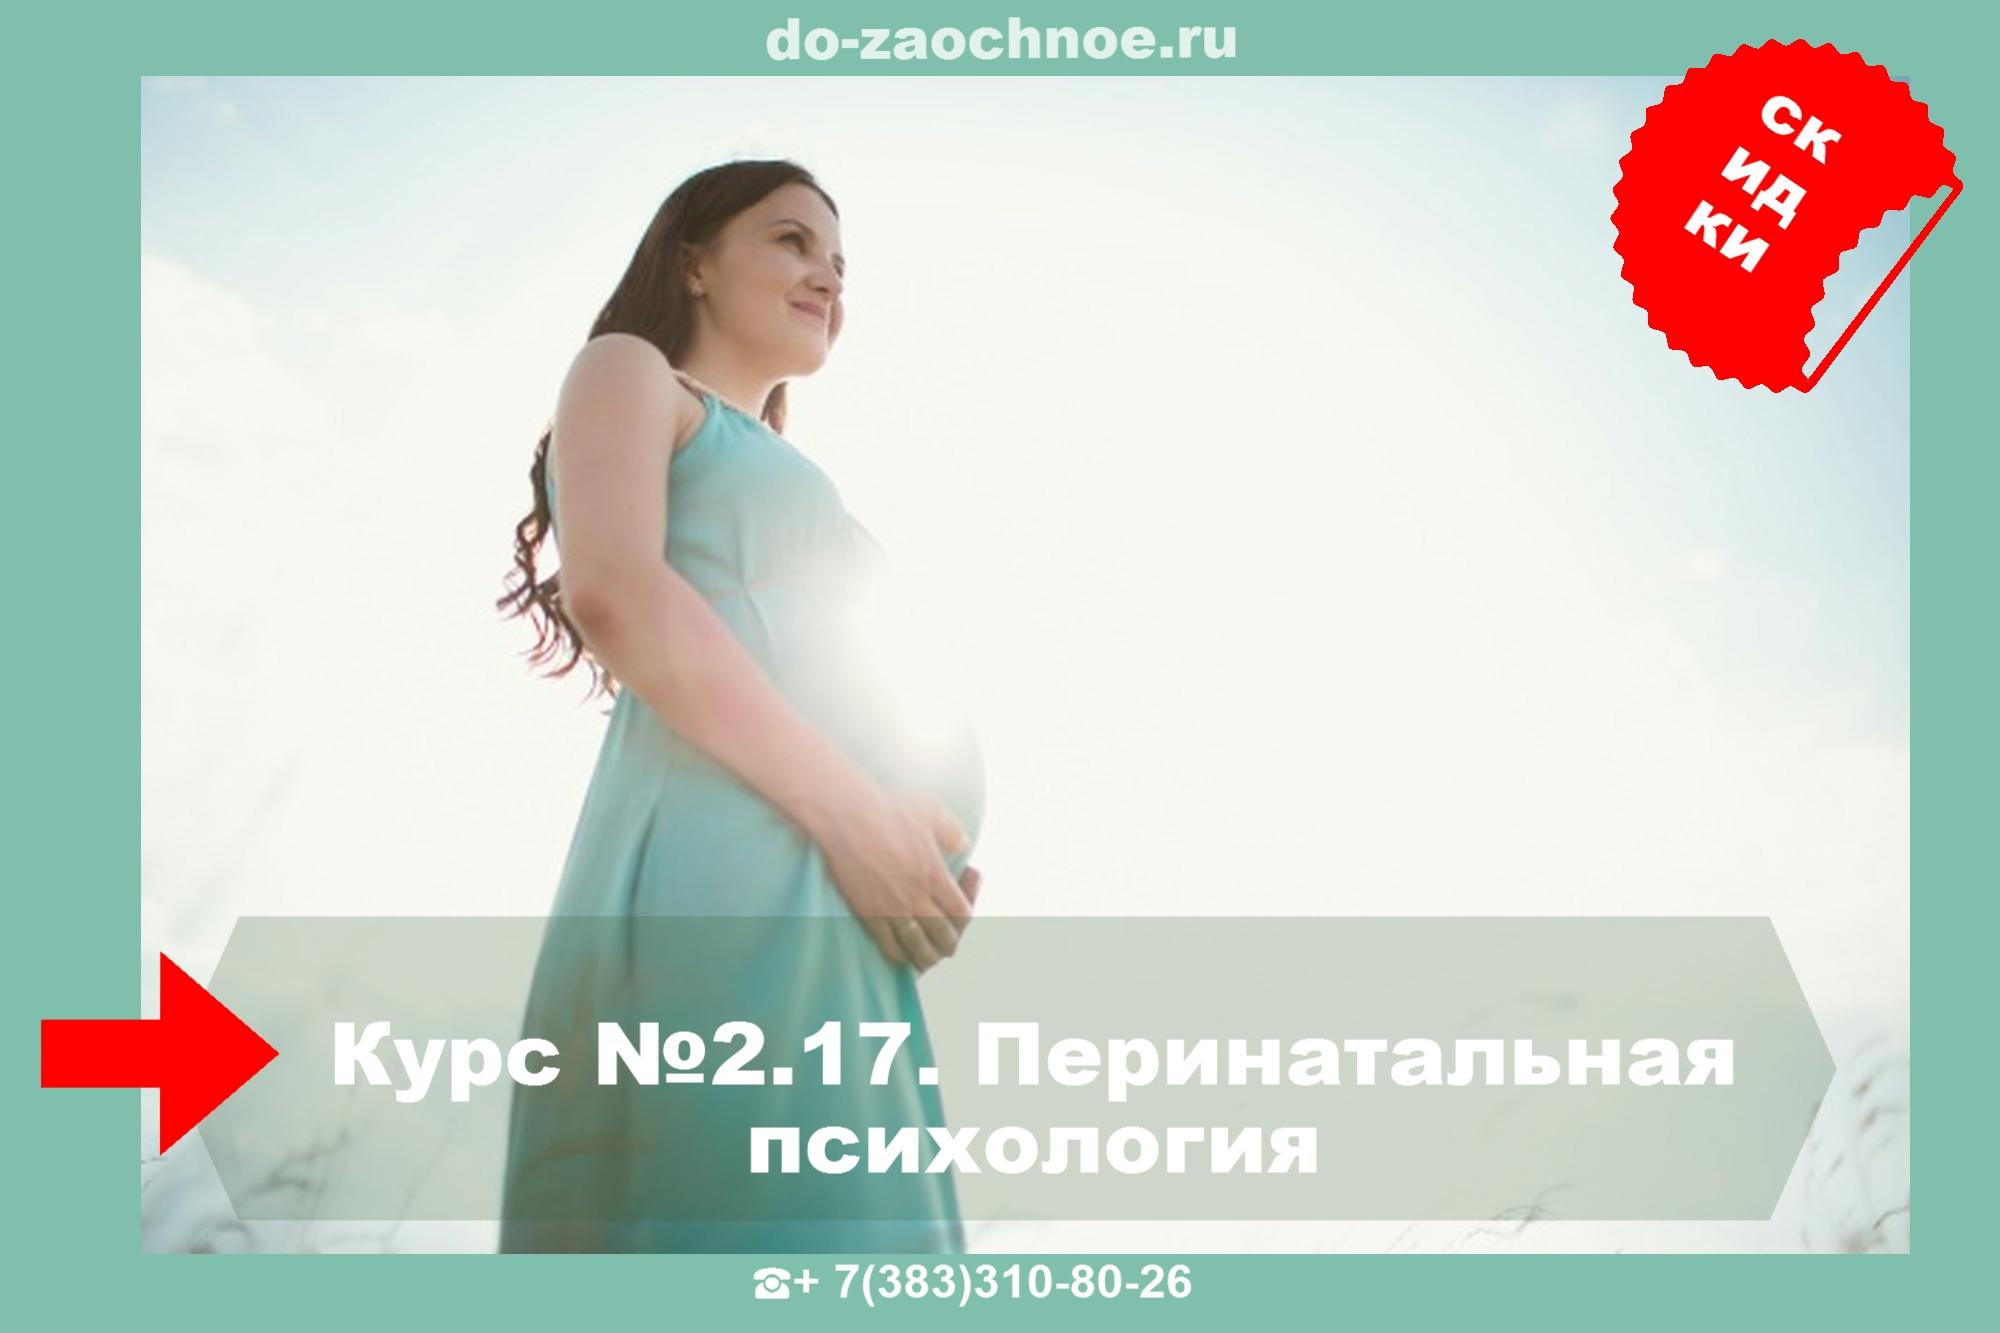 ИДПК дистанционные курсы Перинатальная психология на do-zaochnoe.ru ТУТ!